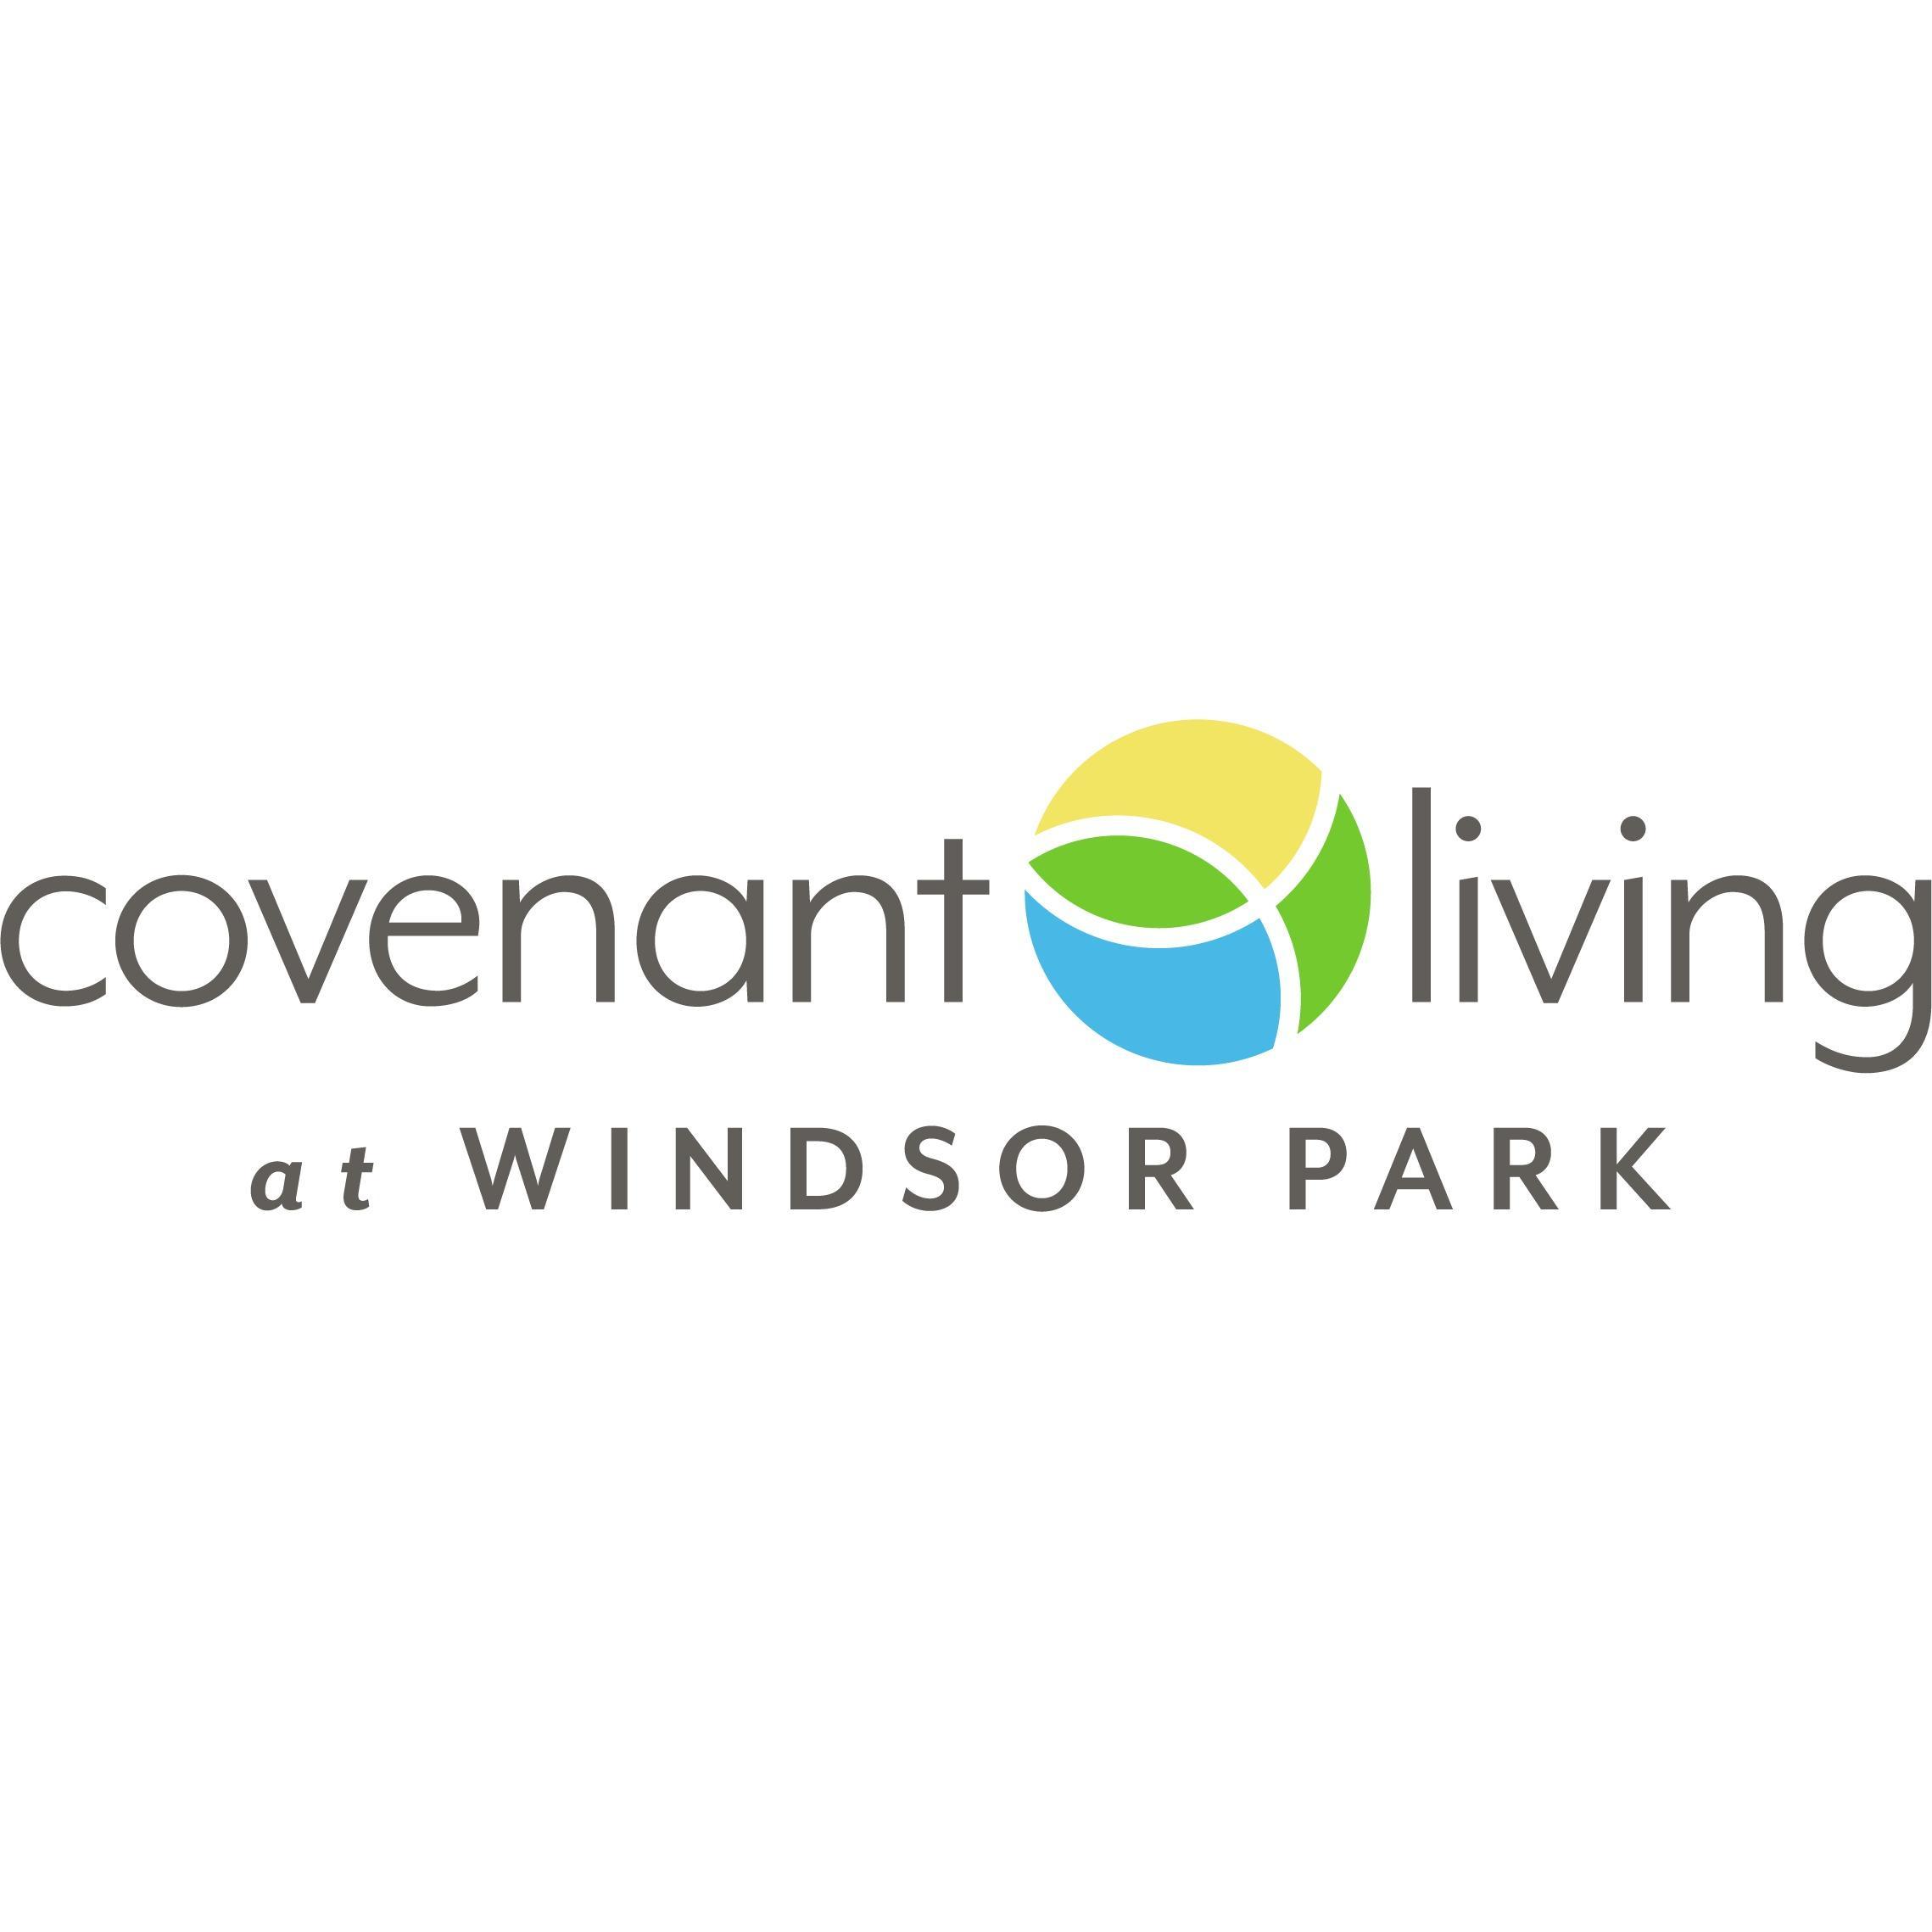 Covenant Living at Windsor Park